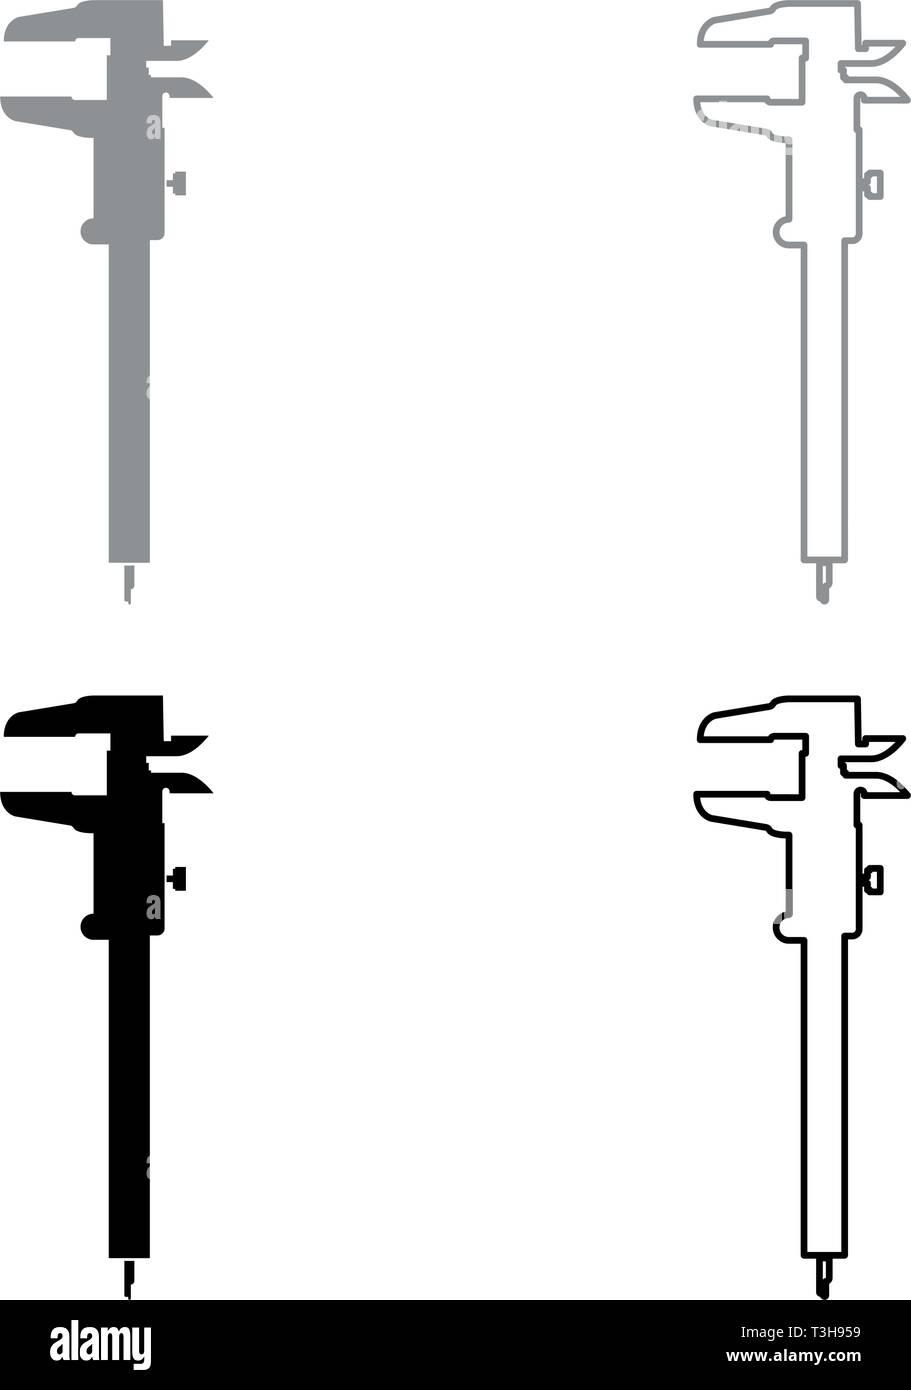 Mano a pinza pinza pinza scorrevole del calibro a corsoio calibro gage slitta gage Trammel icon set nero colore grigio illustrazione vettoriale stile piatto semplice Immagini Stock